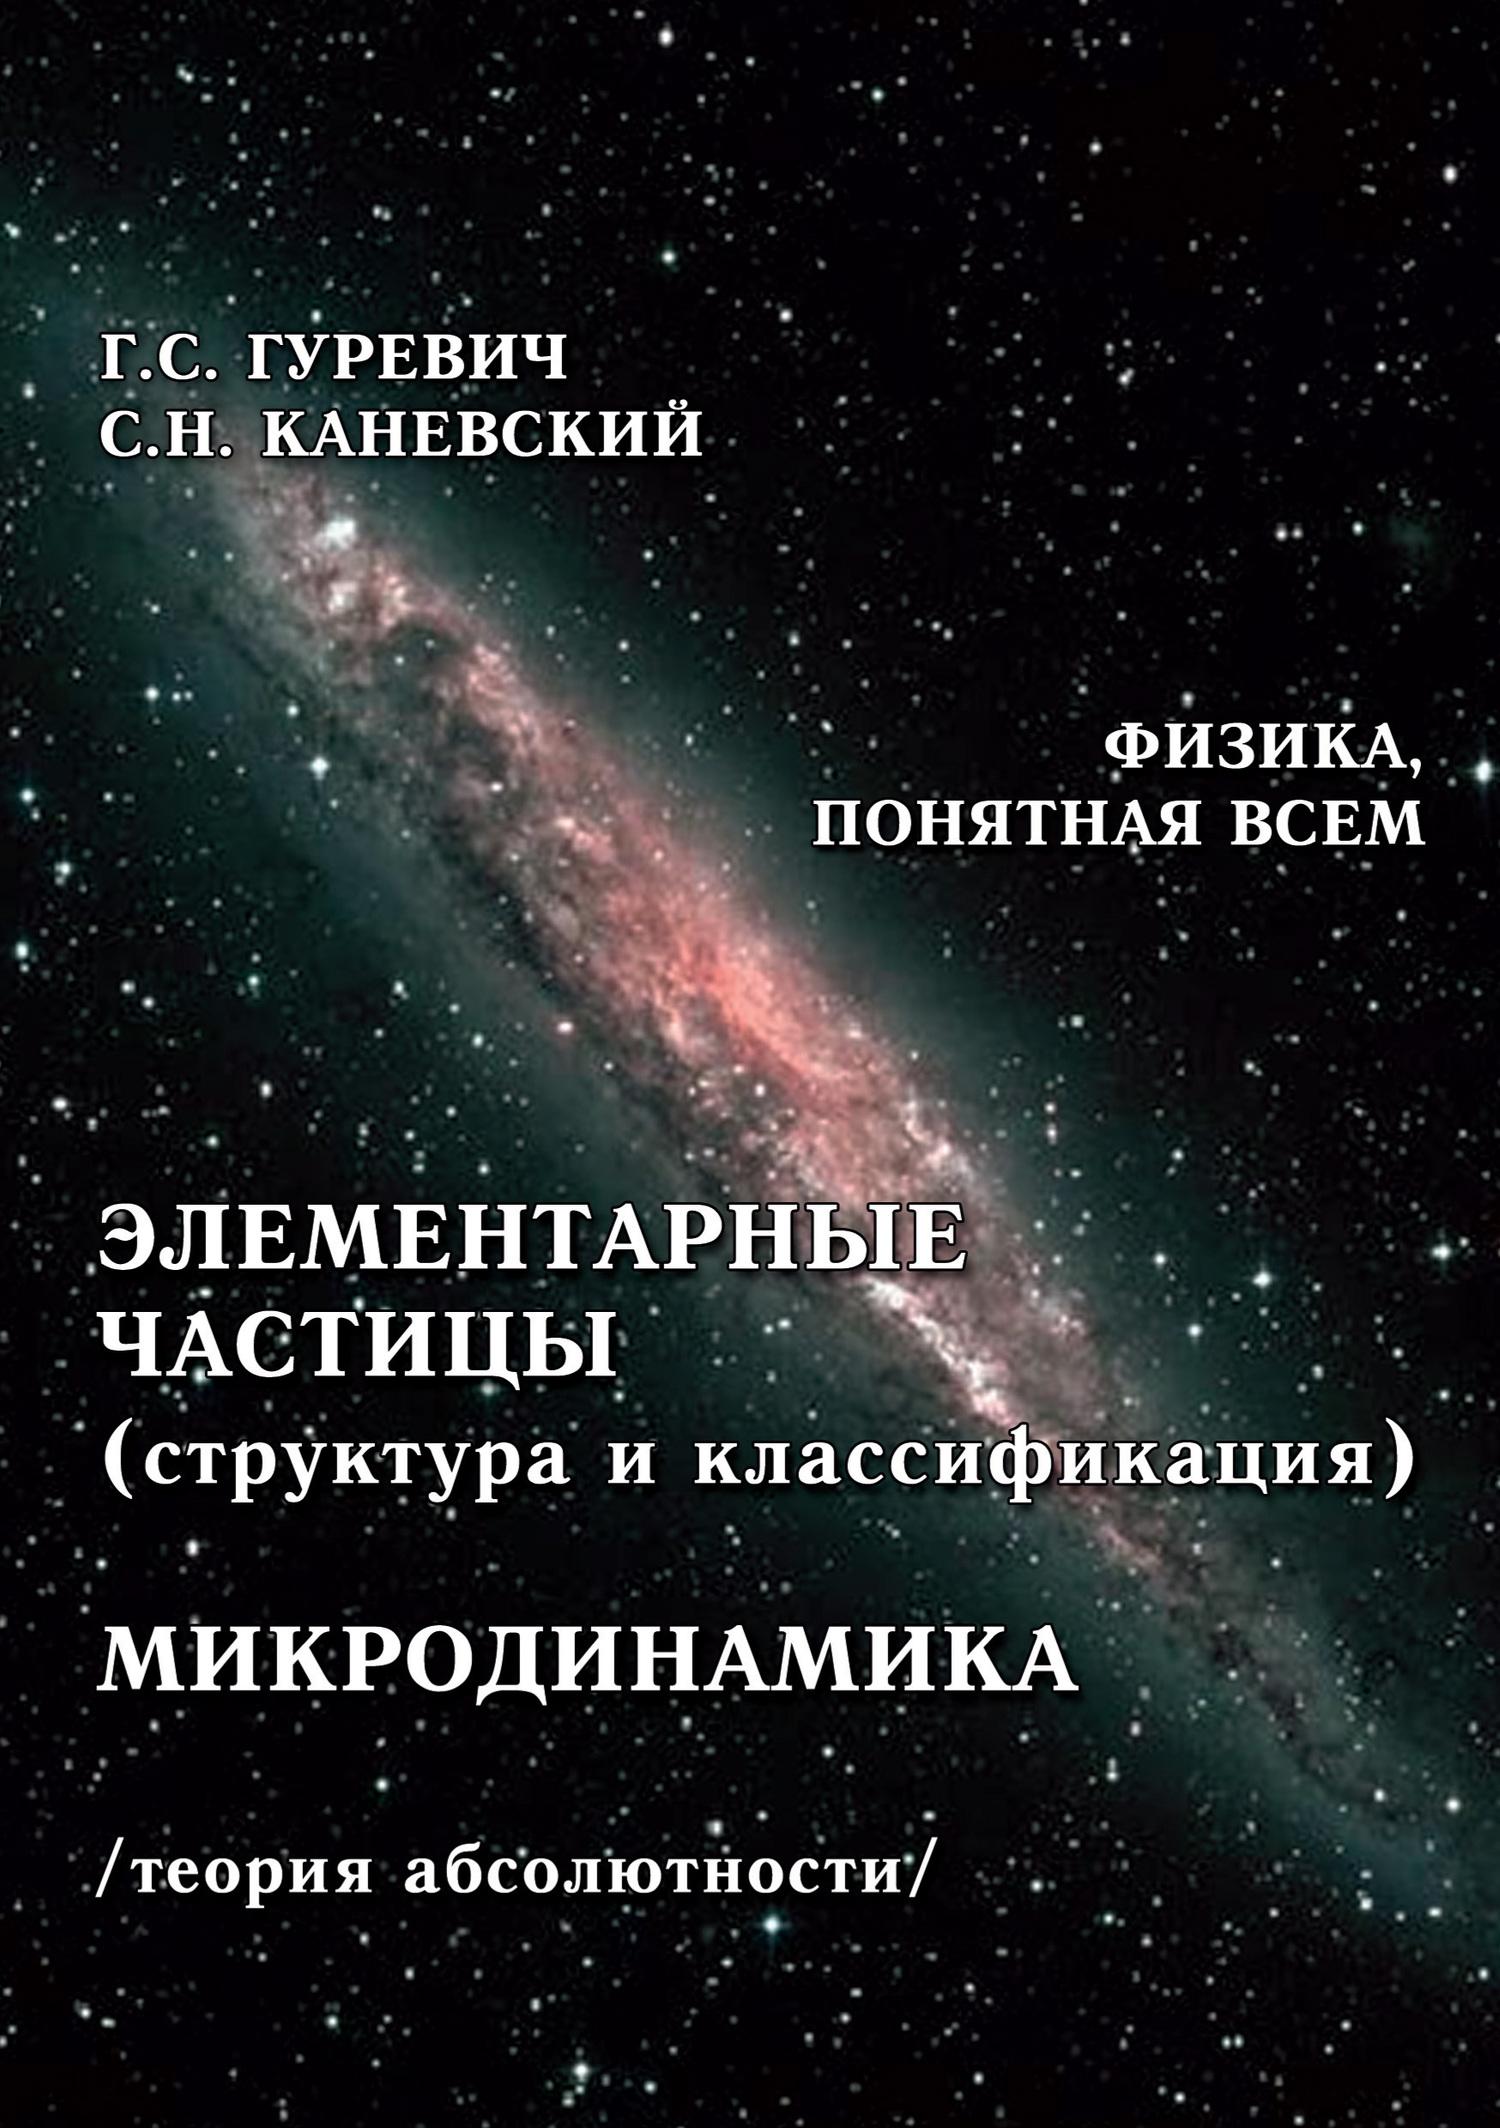 Г. С. Гуревич Элементарные частицы (структура и классификация). Микродинамика (теория абсолютности) элементарные частицы